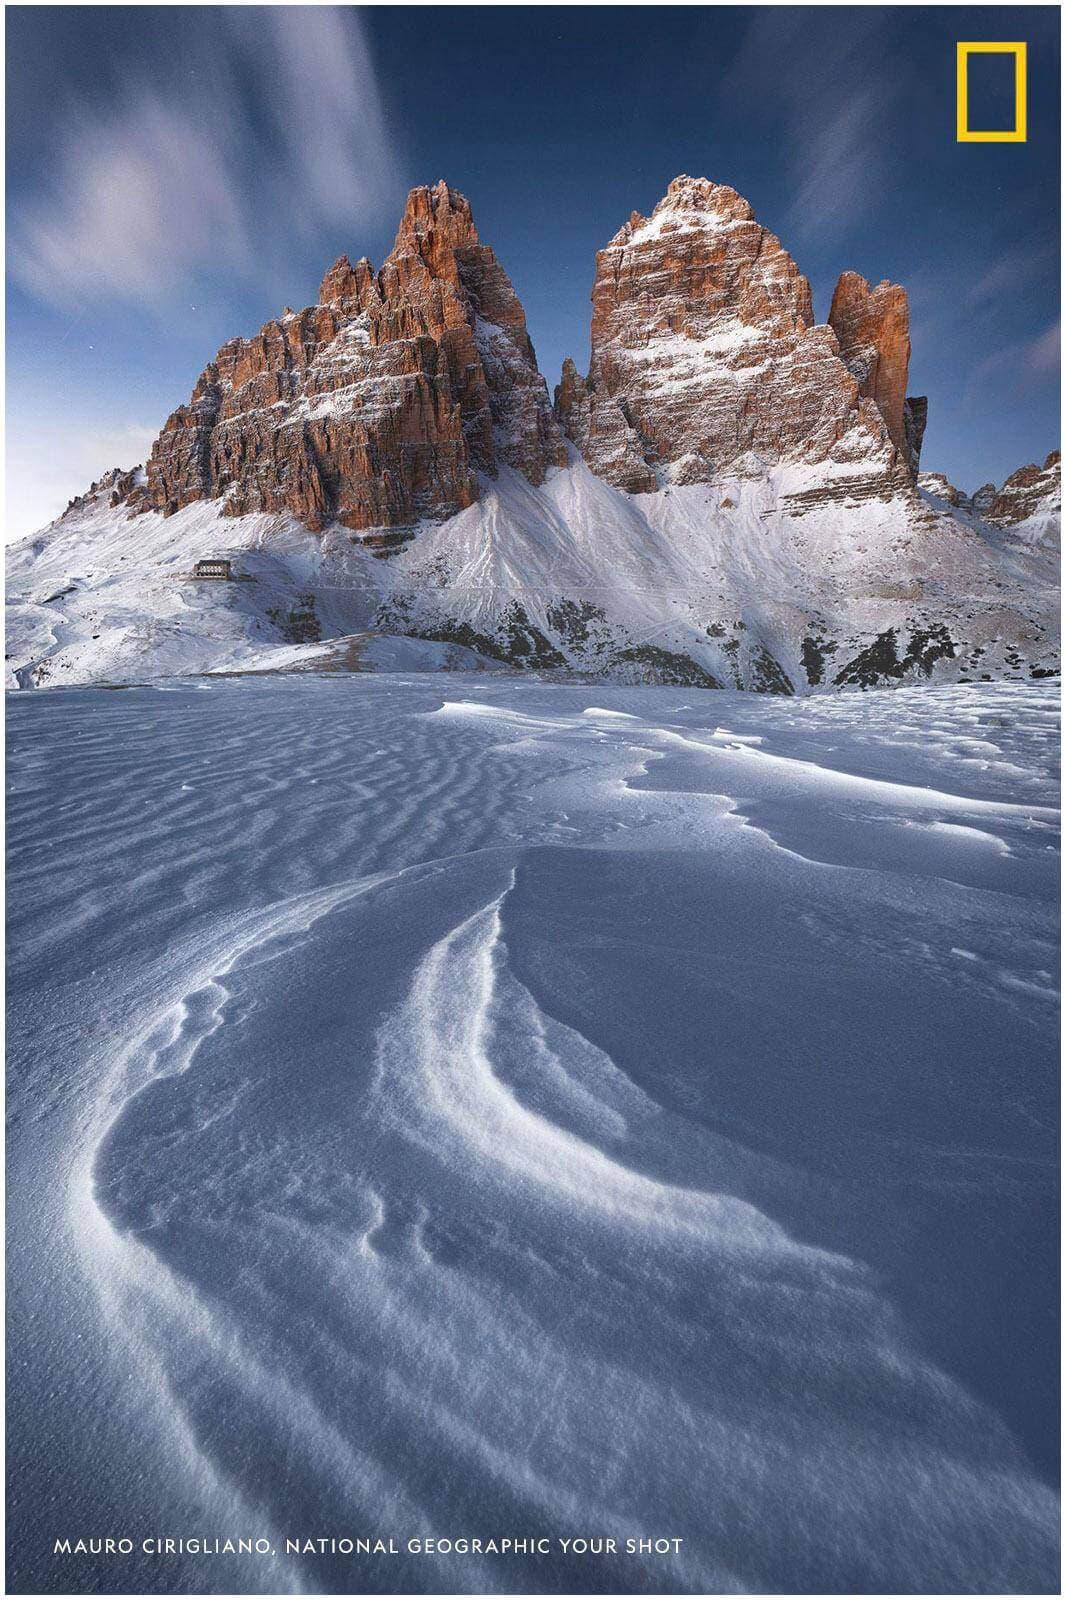 foto pubblicata su national geographic con montagne e neve in primo piano